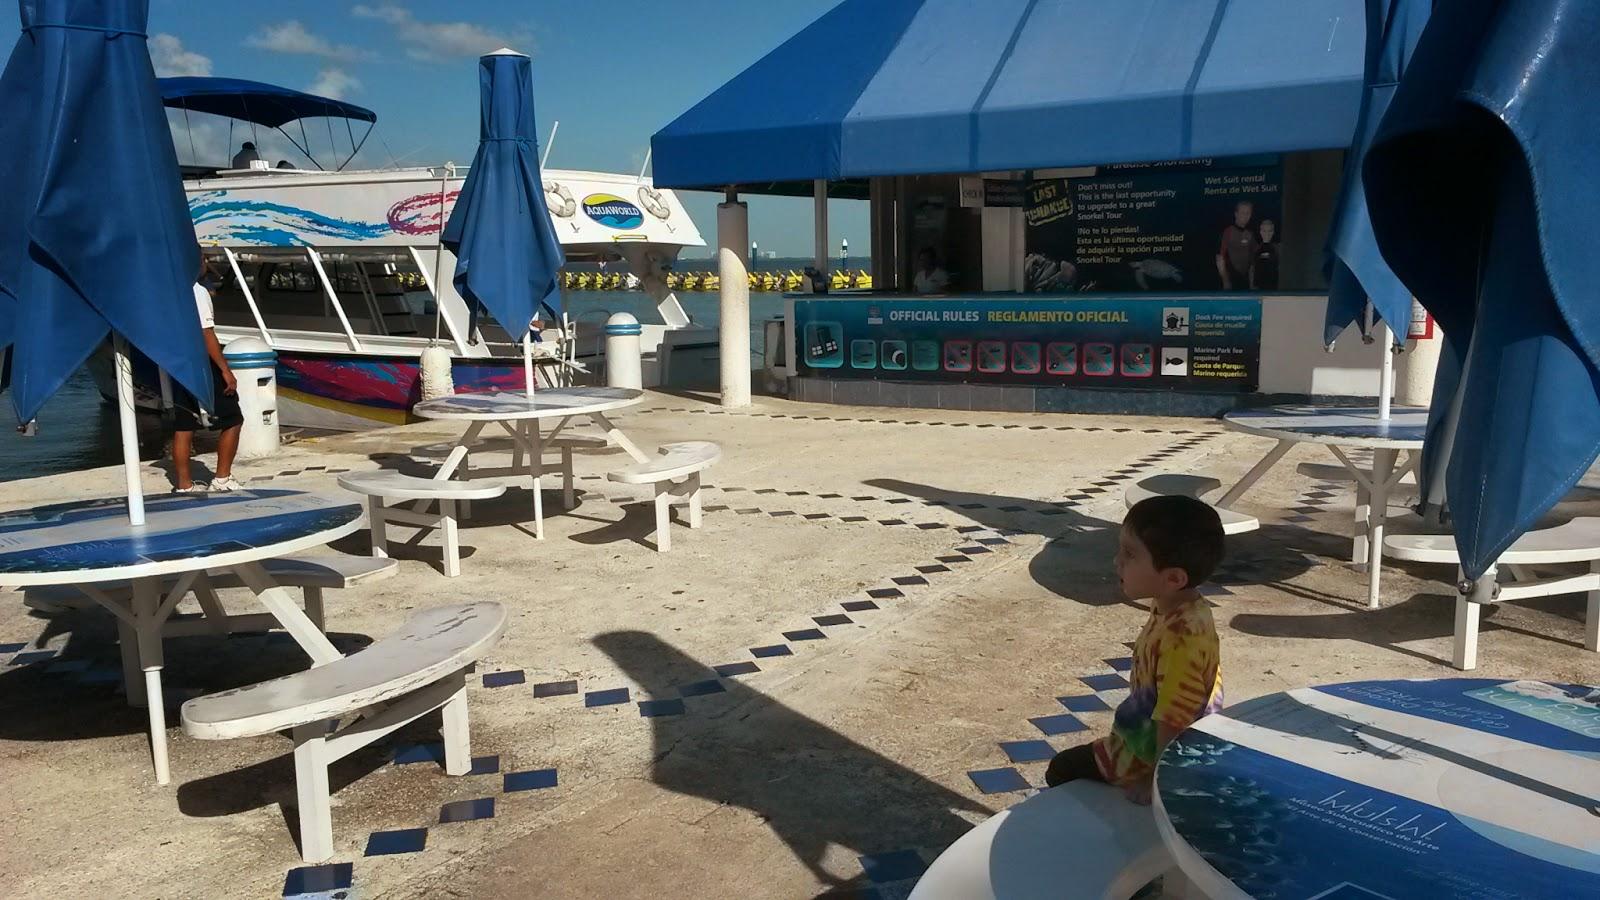 aqua-world-submarino-cancun-sub-see-passeio-barco-crianças-niños